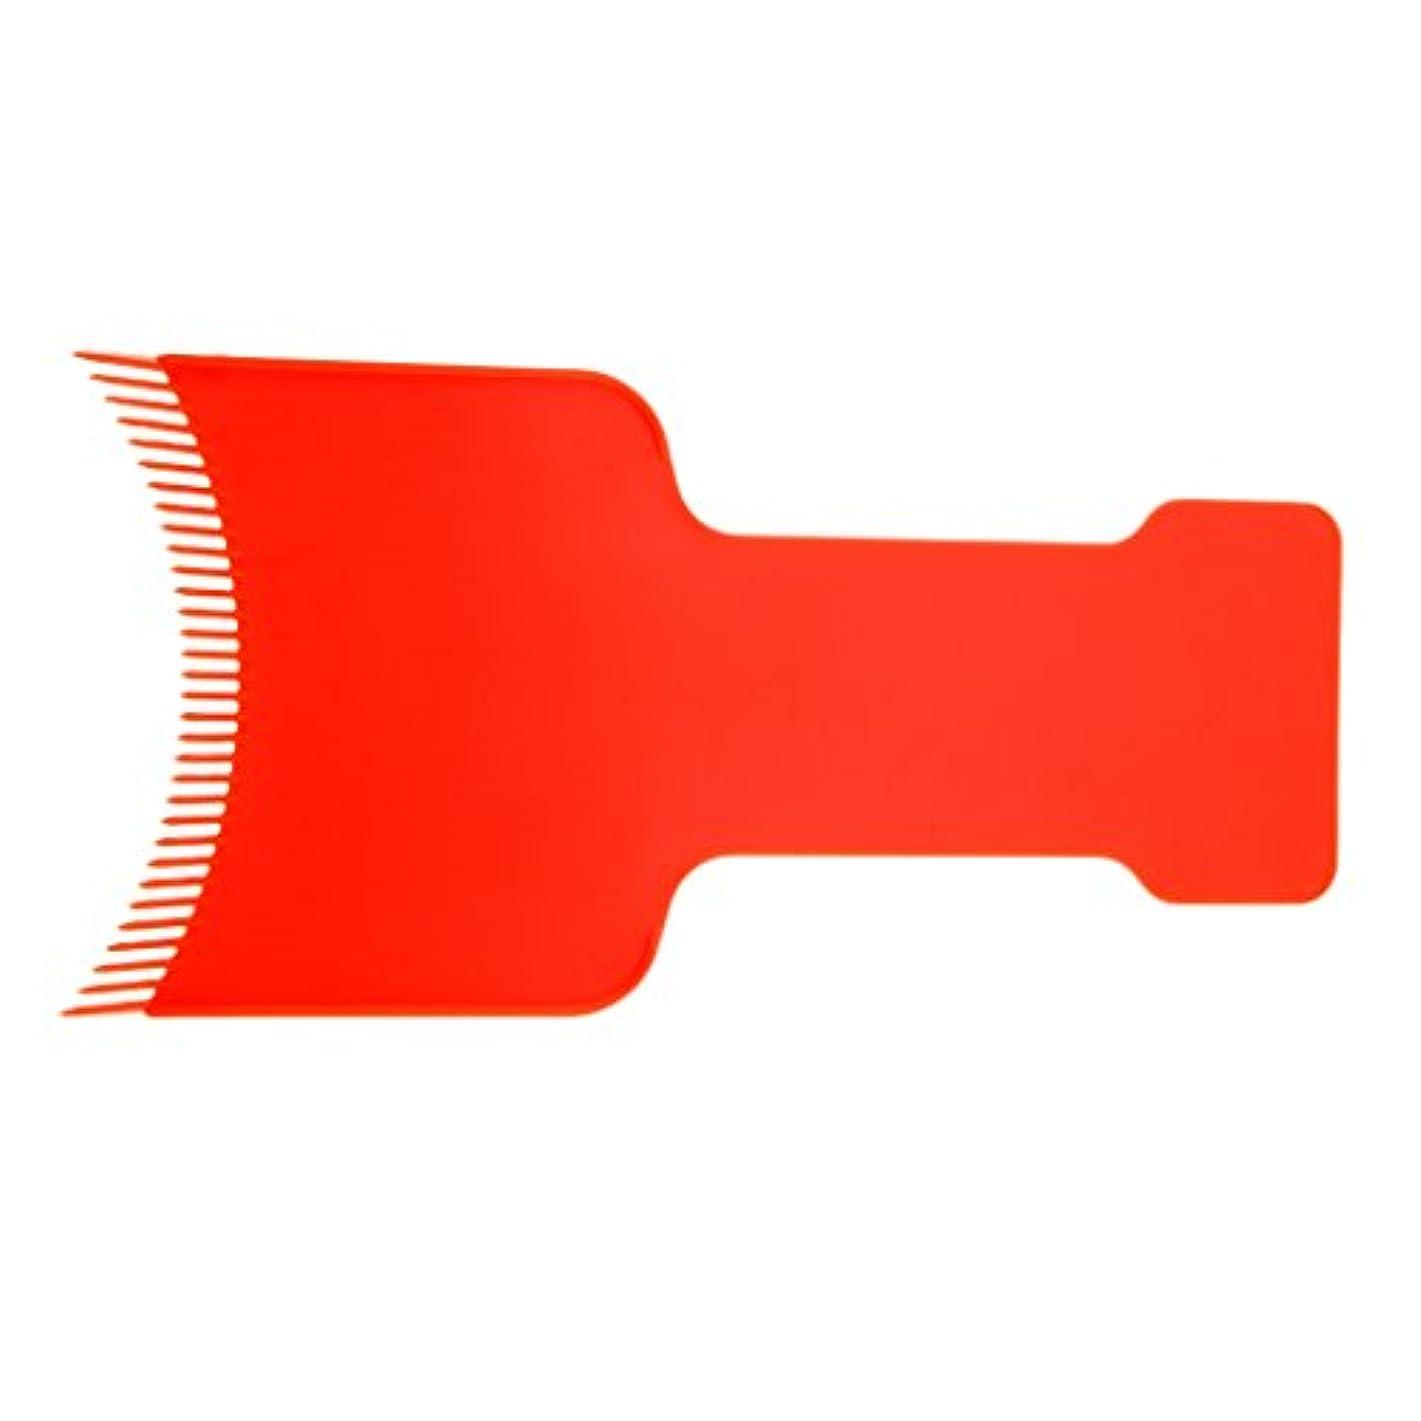 洗剤トランジスタ曲線CUTICATE サロンヘアカラーボードヘアカラーティントプレート理髪美容美容 健康